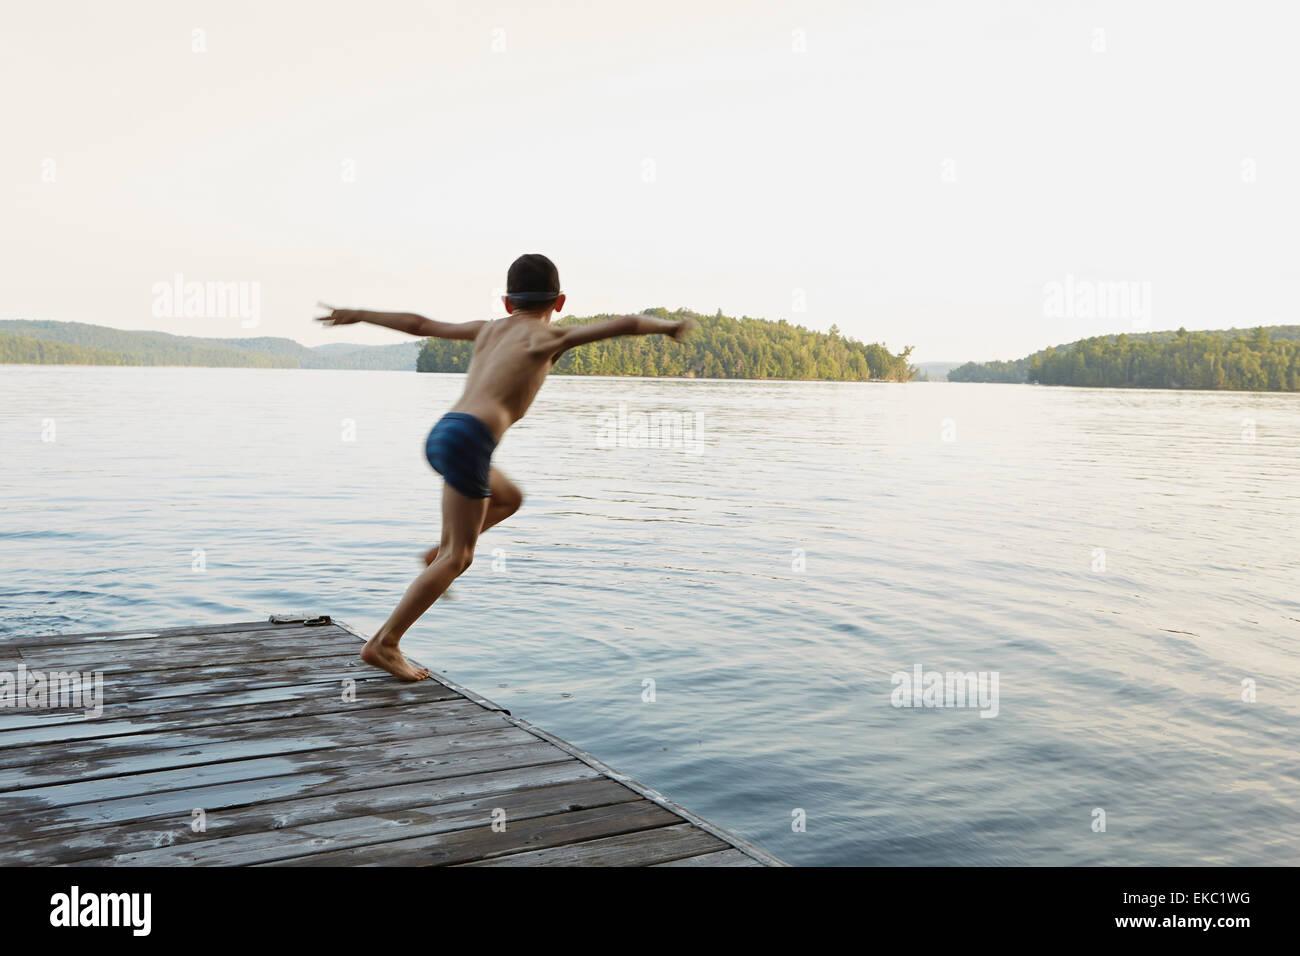 Ragazzo saltando nel lago dal molo in legno, Ontario, Canada Immagini Stock